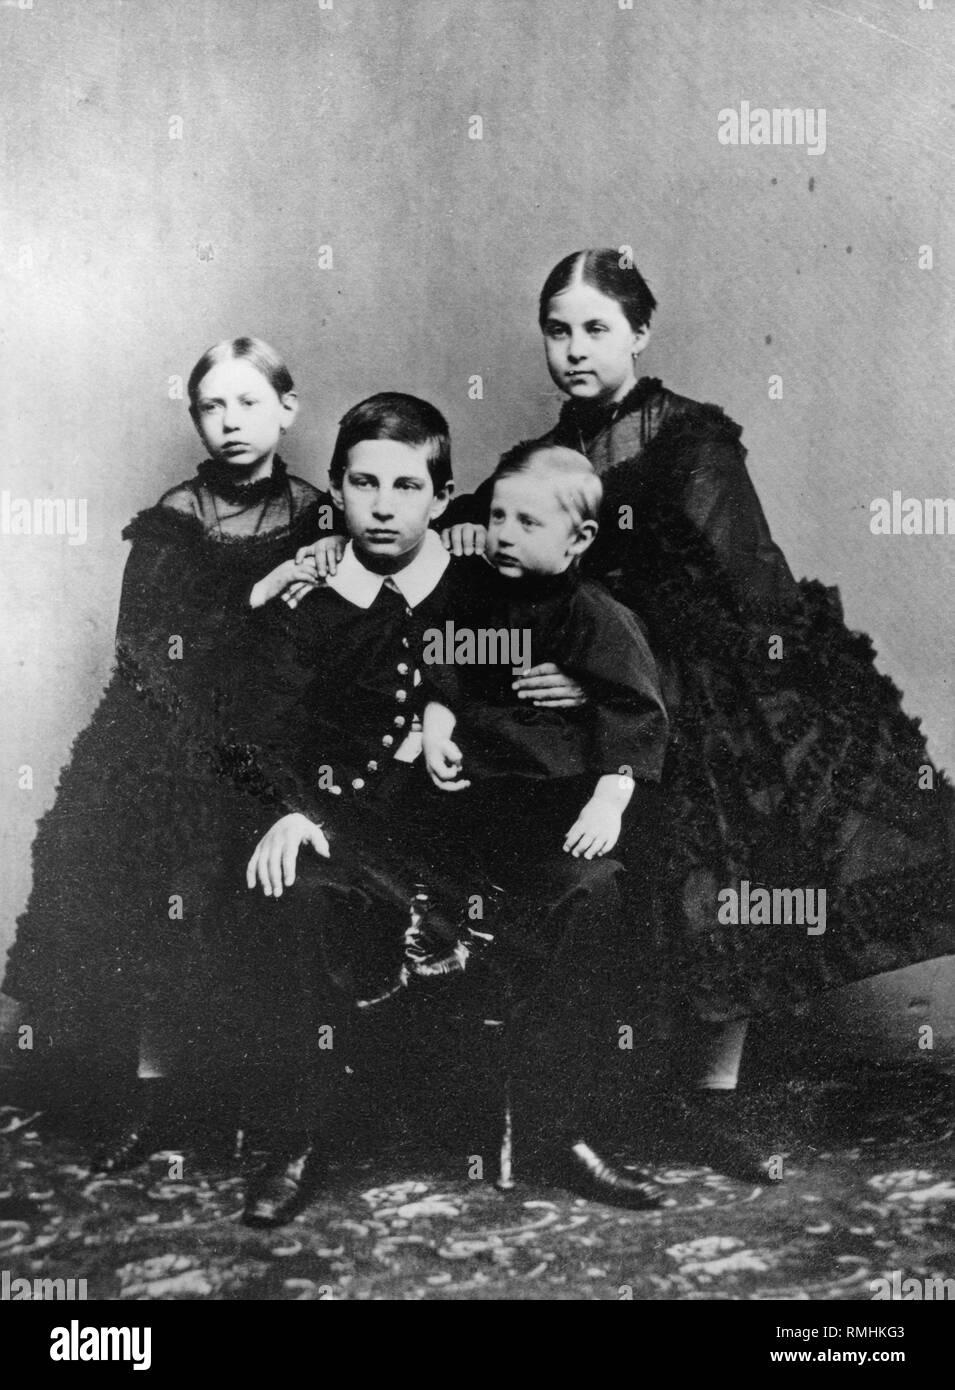 I figli del Granduca Constantin Nicholaevich della Russia: Vera, Nicholas, Constantin e Olga. Foto di albumina Immagini Stock